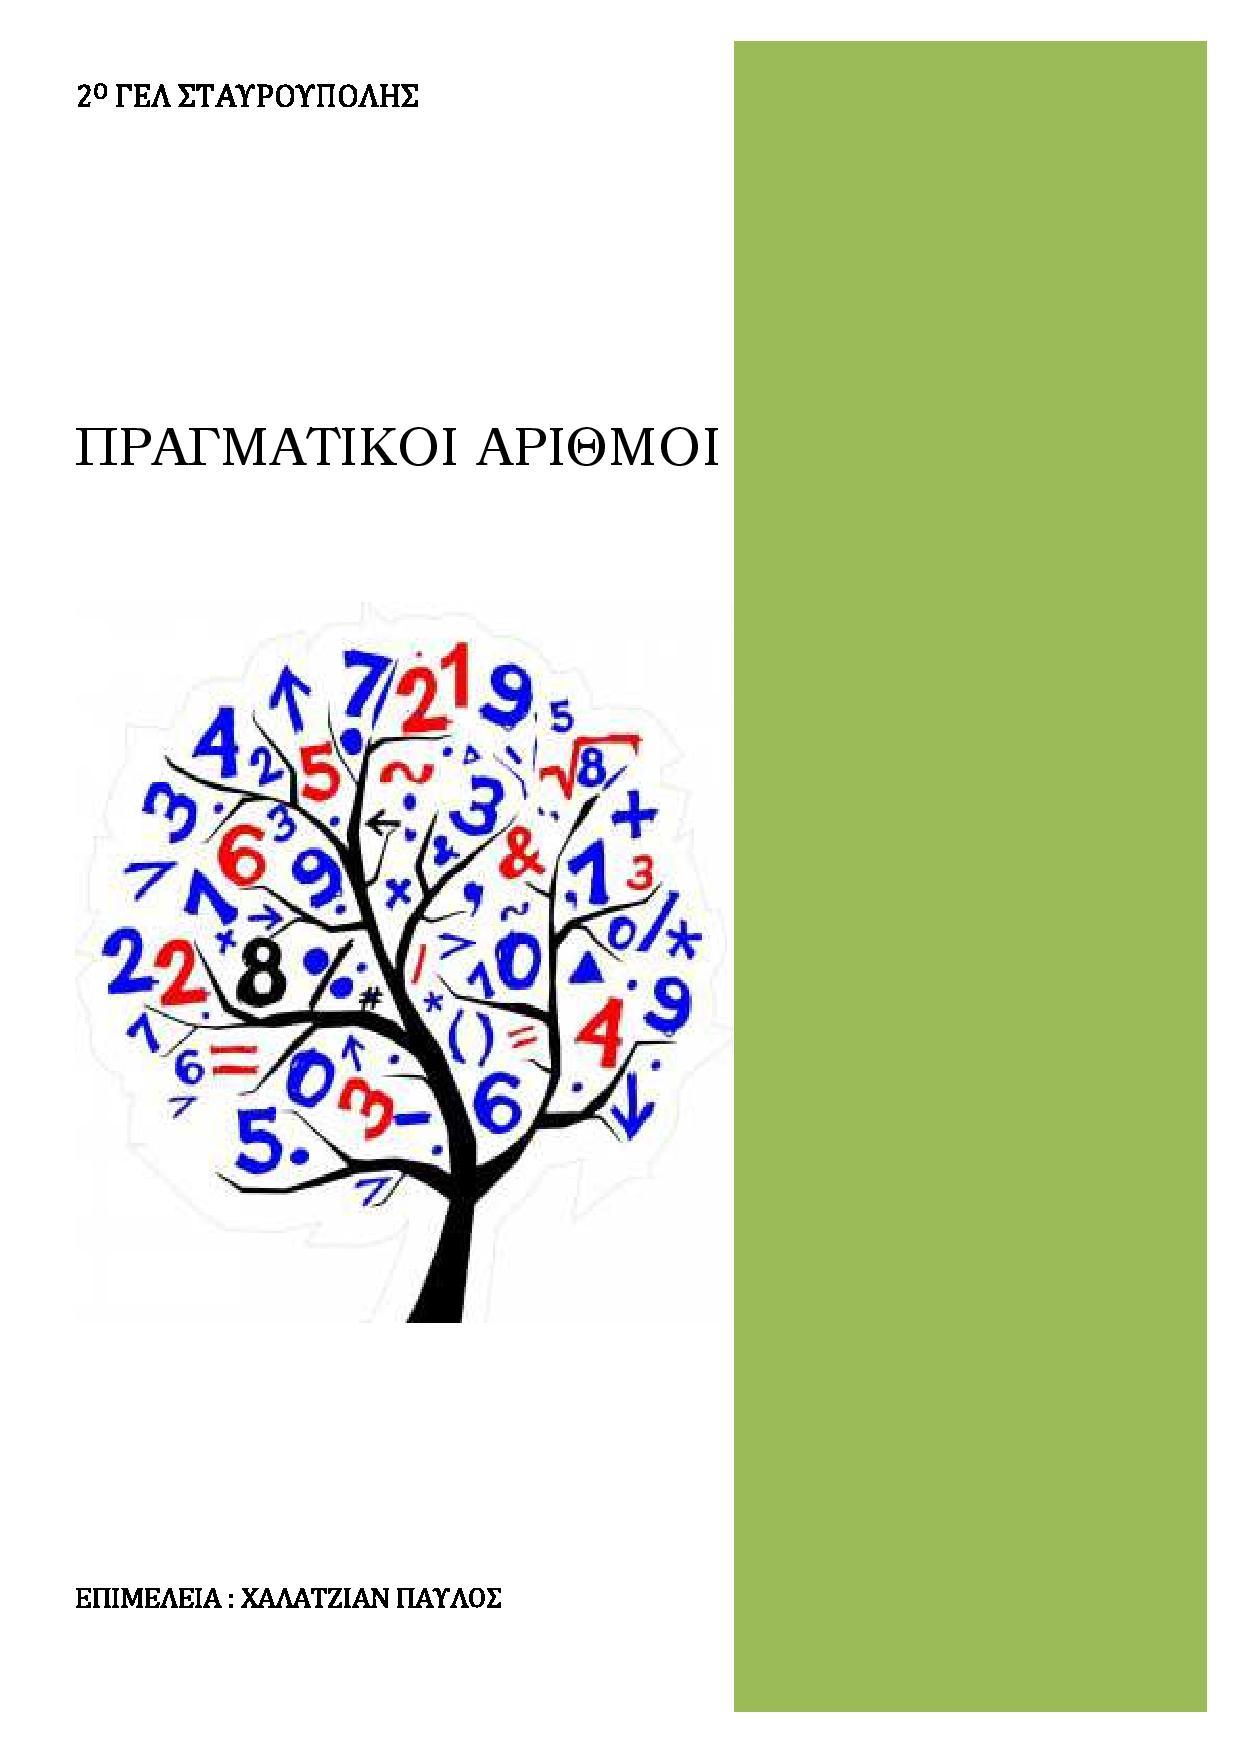 Κατεβάστε το βιβλίο του Παύλου Χαλατζιάν για την Άλγεβρα της  Α΄ Λυκείου